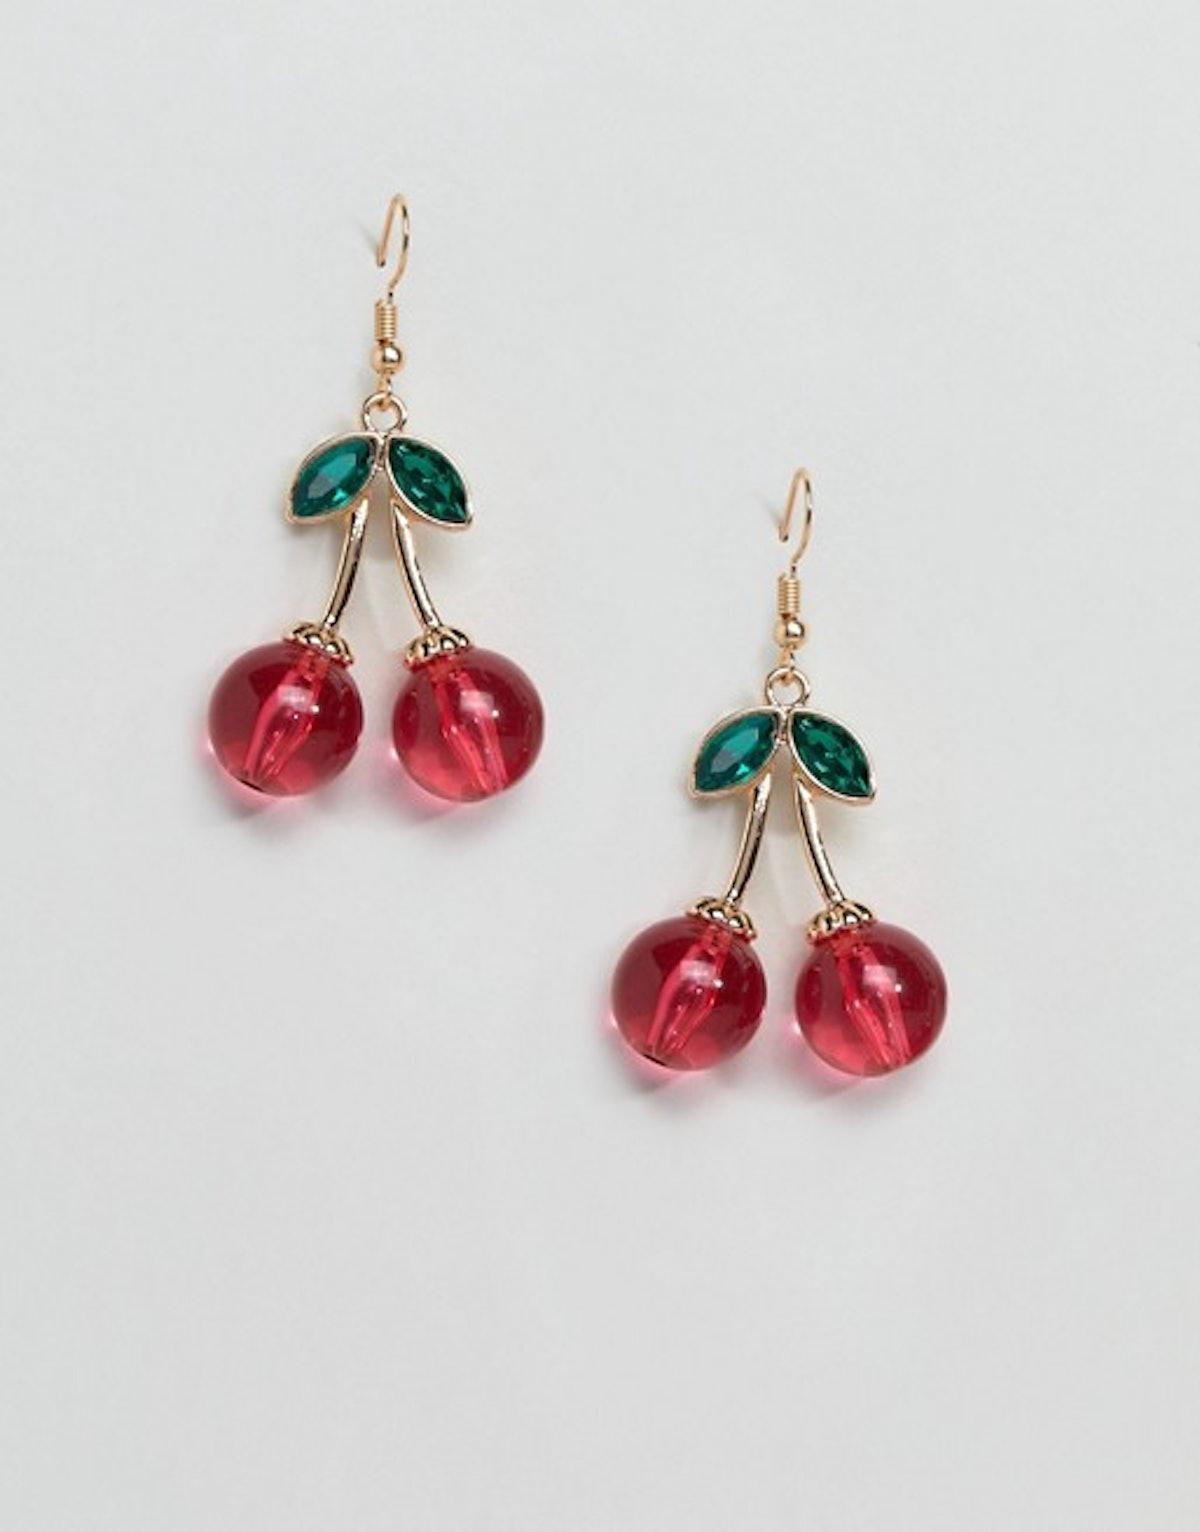 ASOS Resin Cherry Drop Earrings